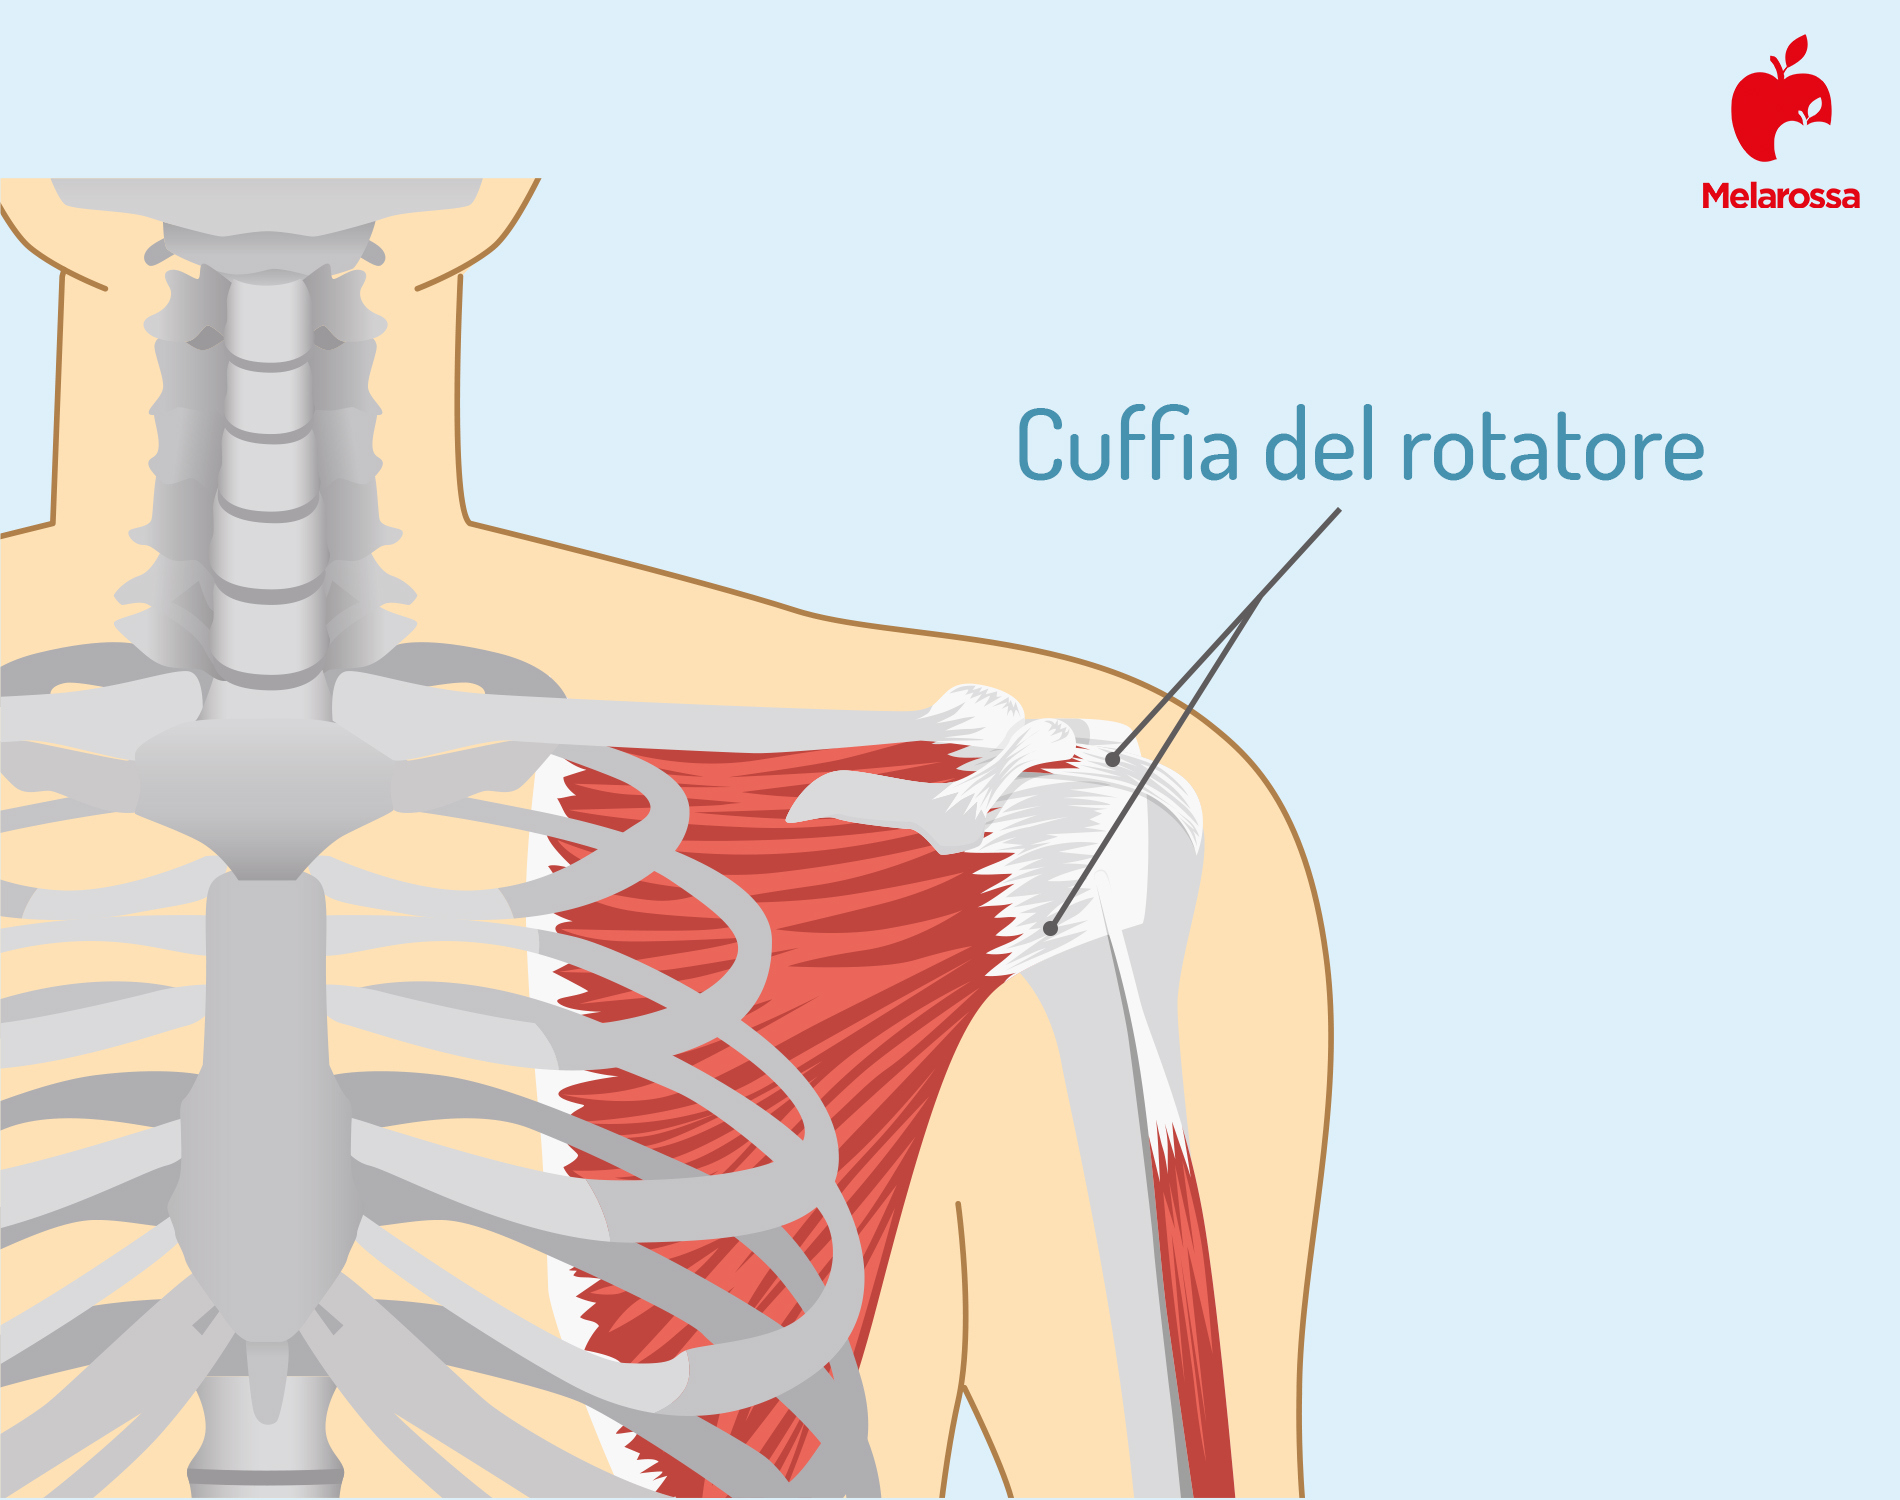 tendinite: rotatore della cuffia